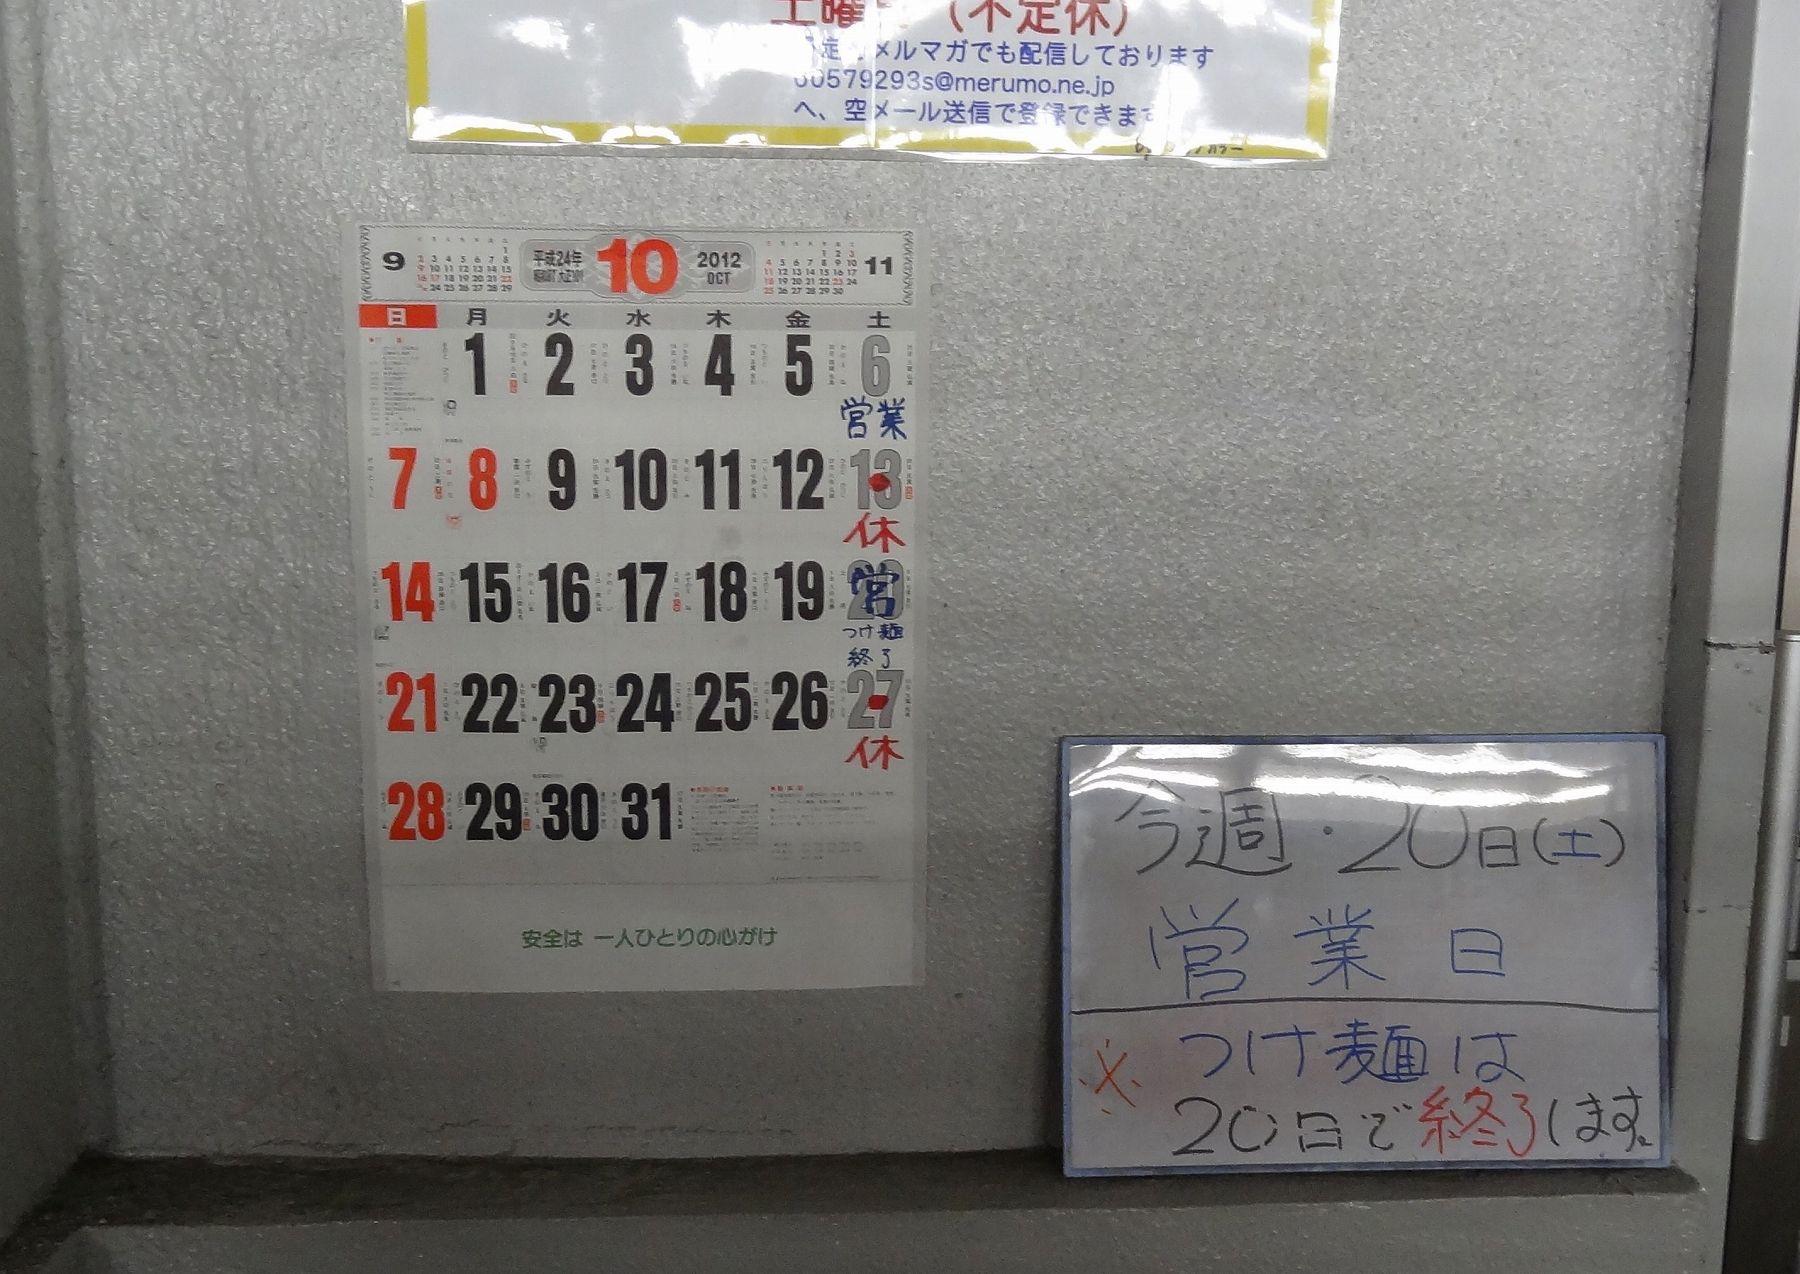 20121017012nishidai.jpg